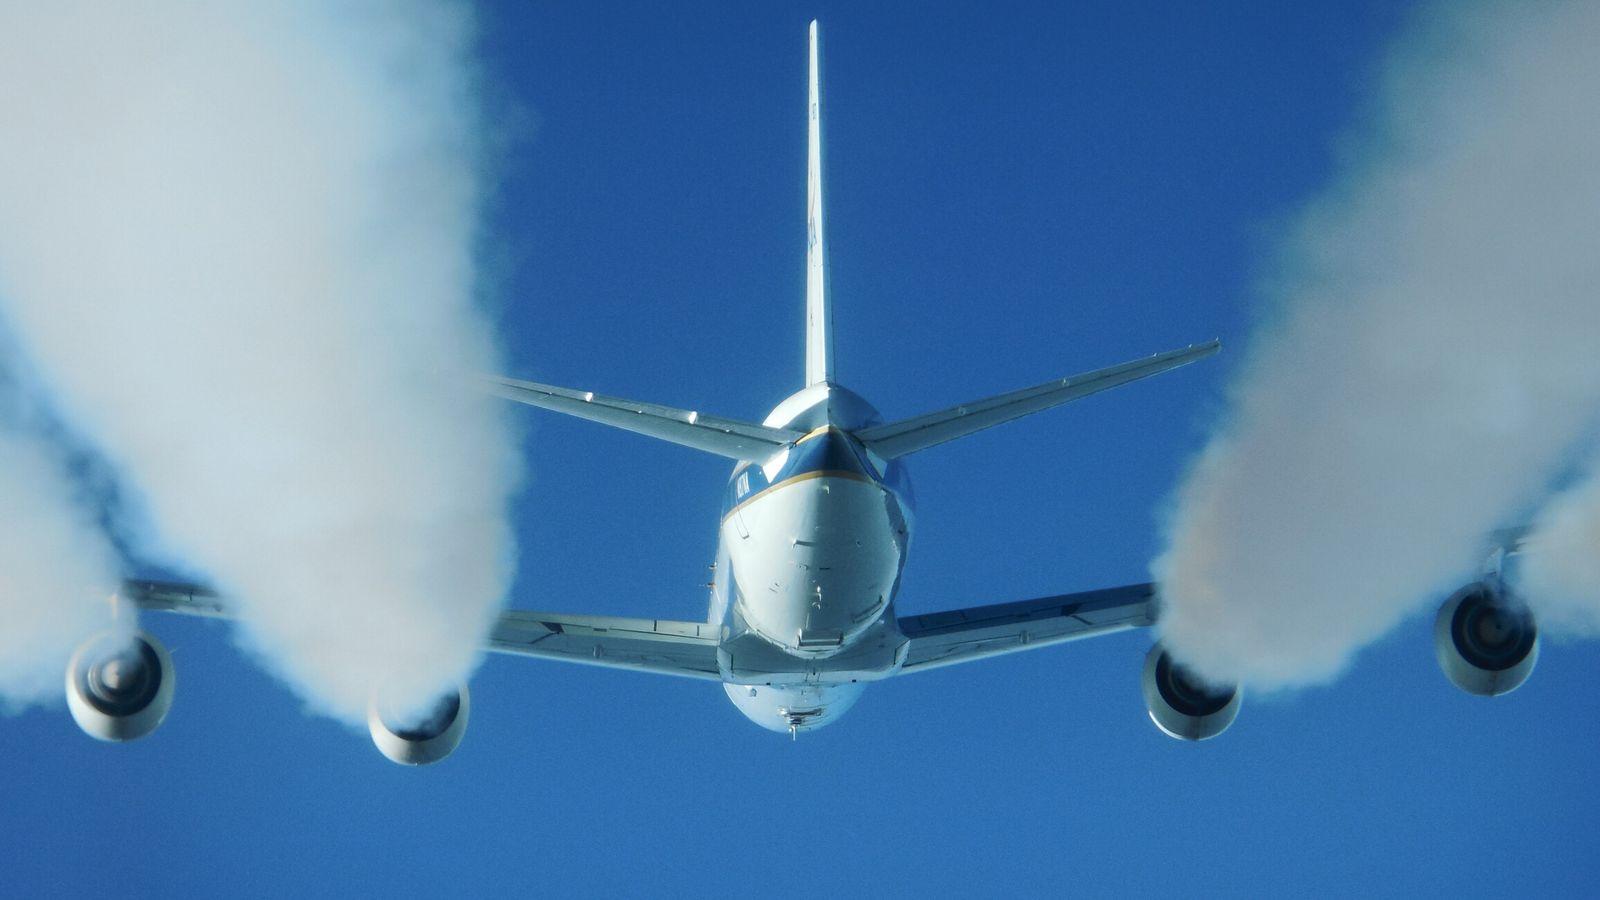 Fotografía de un avión